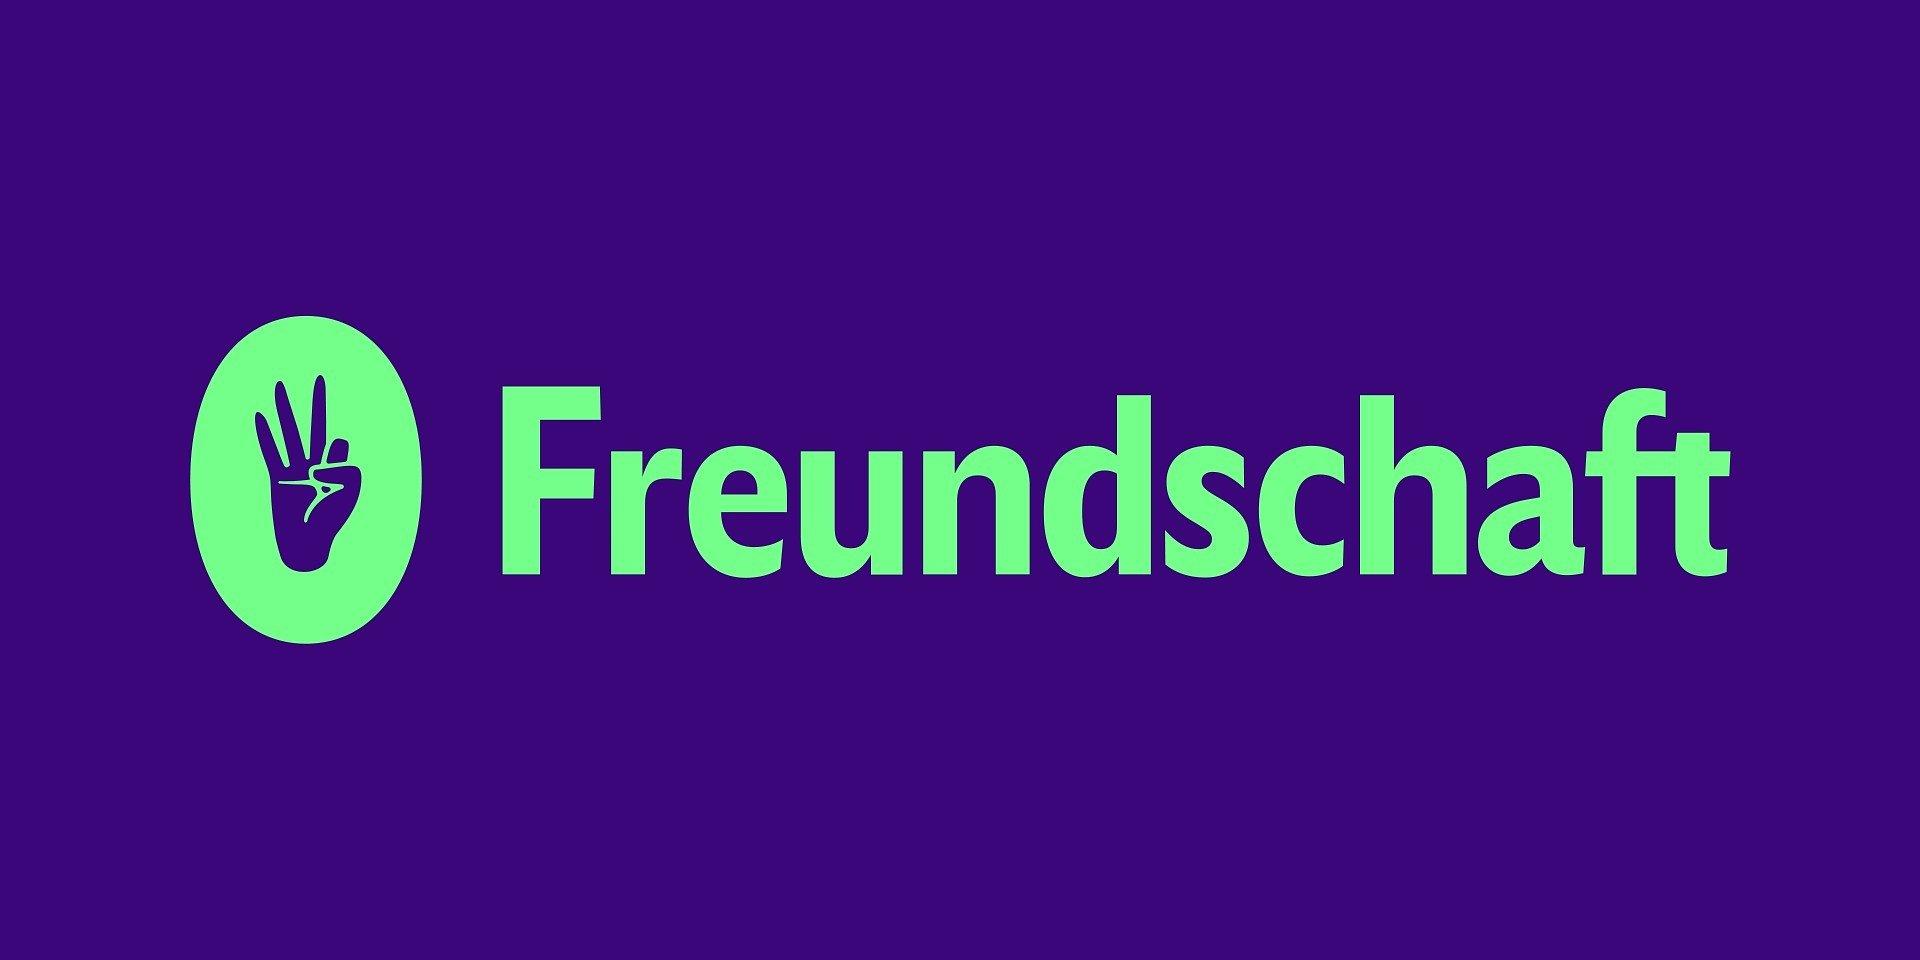 Grupa Freundschaft integruje wszystkie swoje usługi pod marką główną Freundschaft